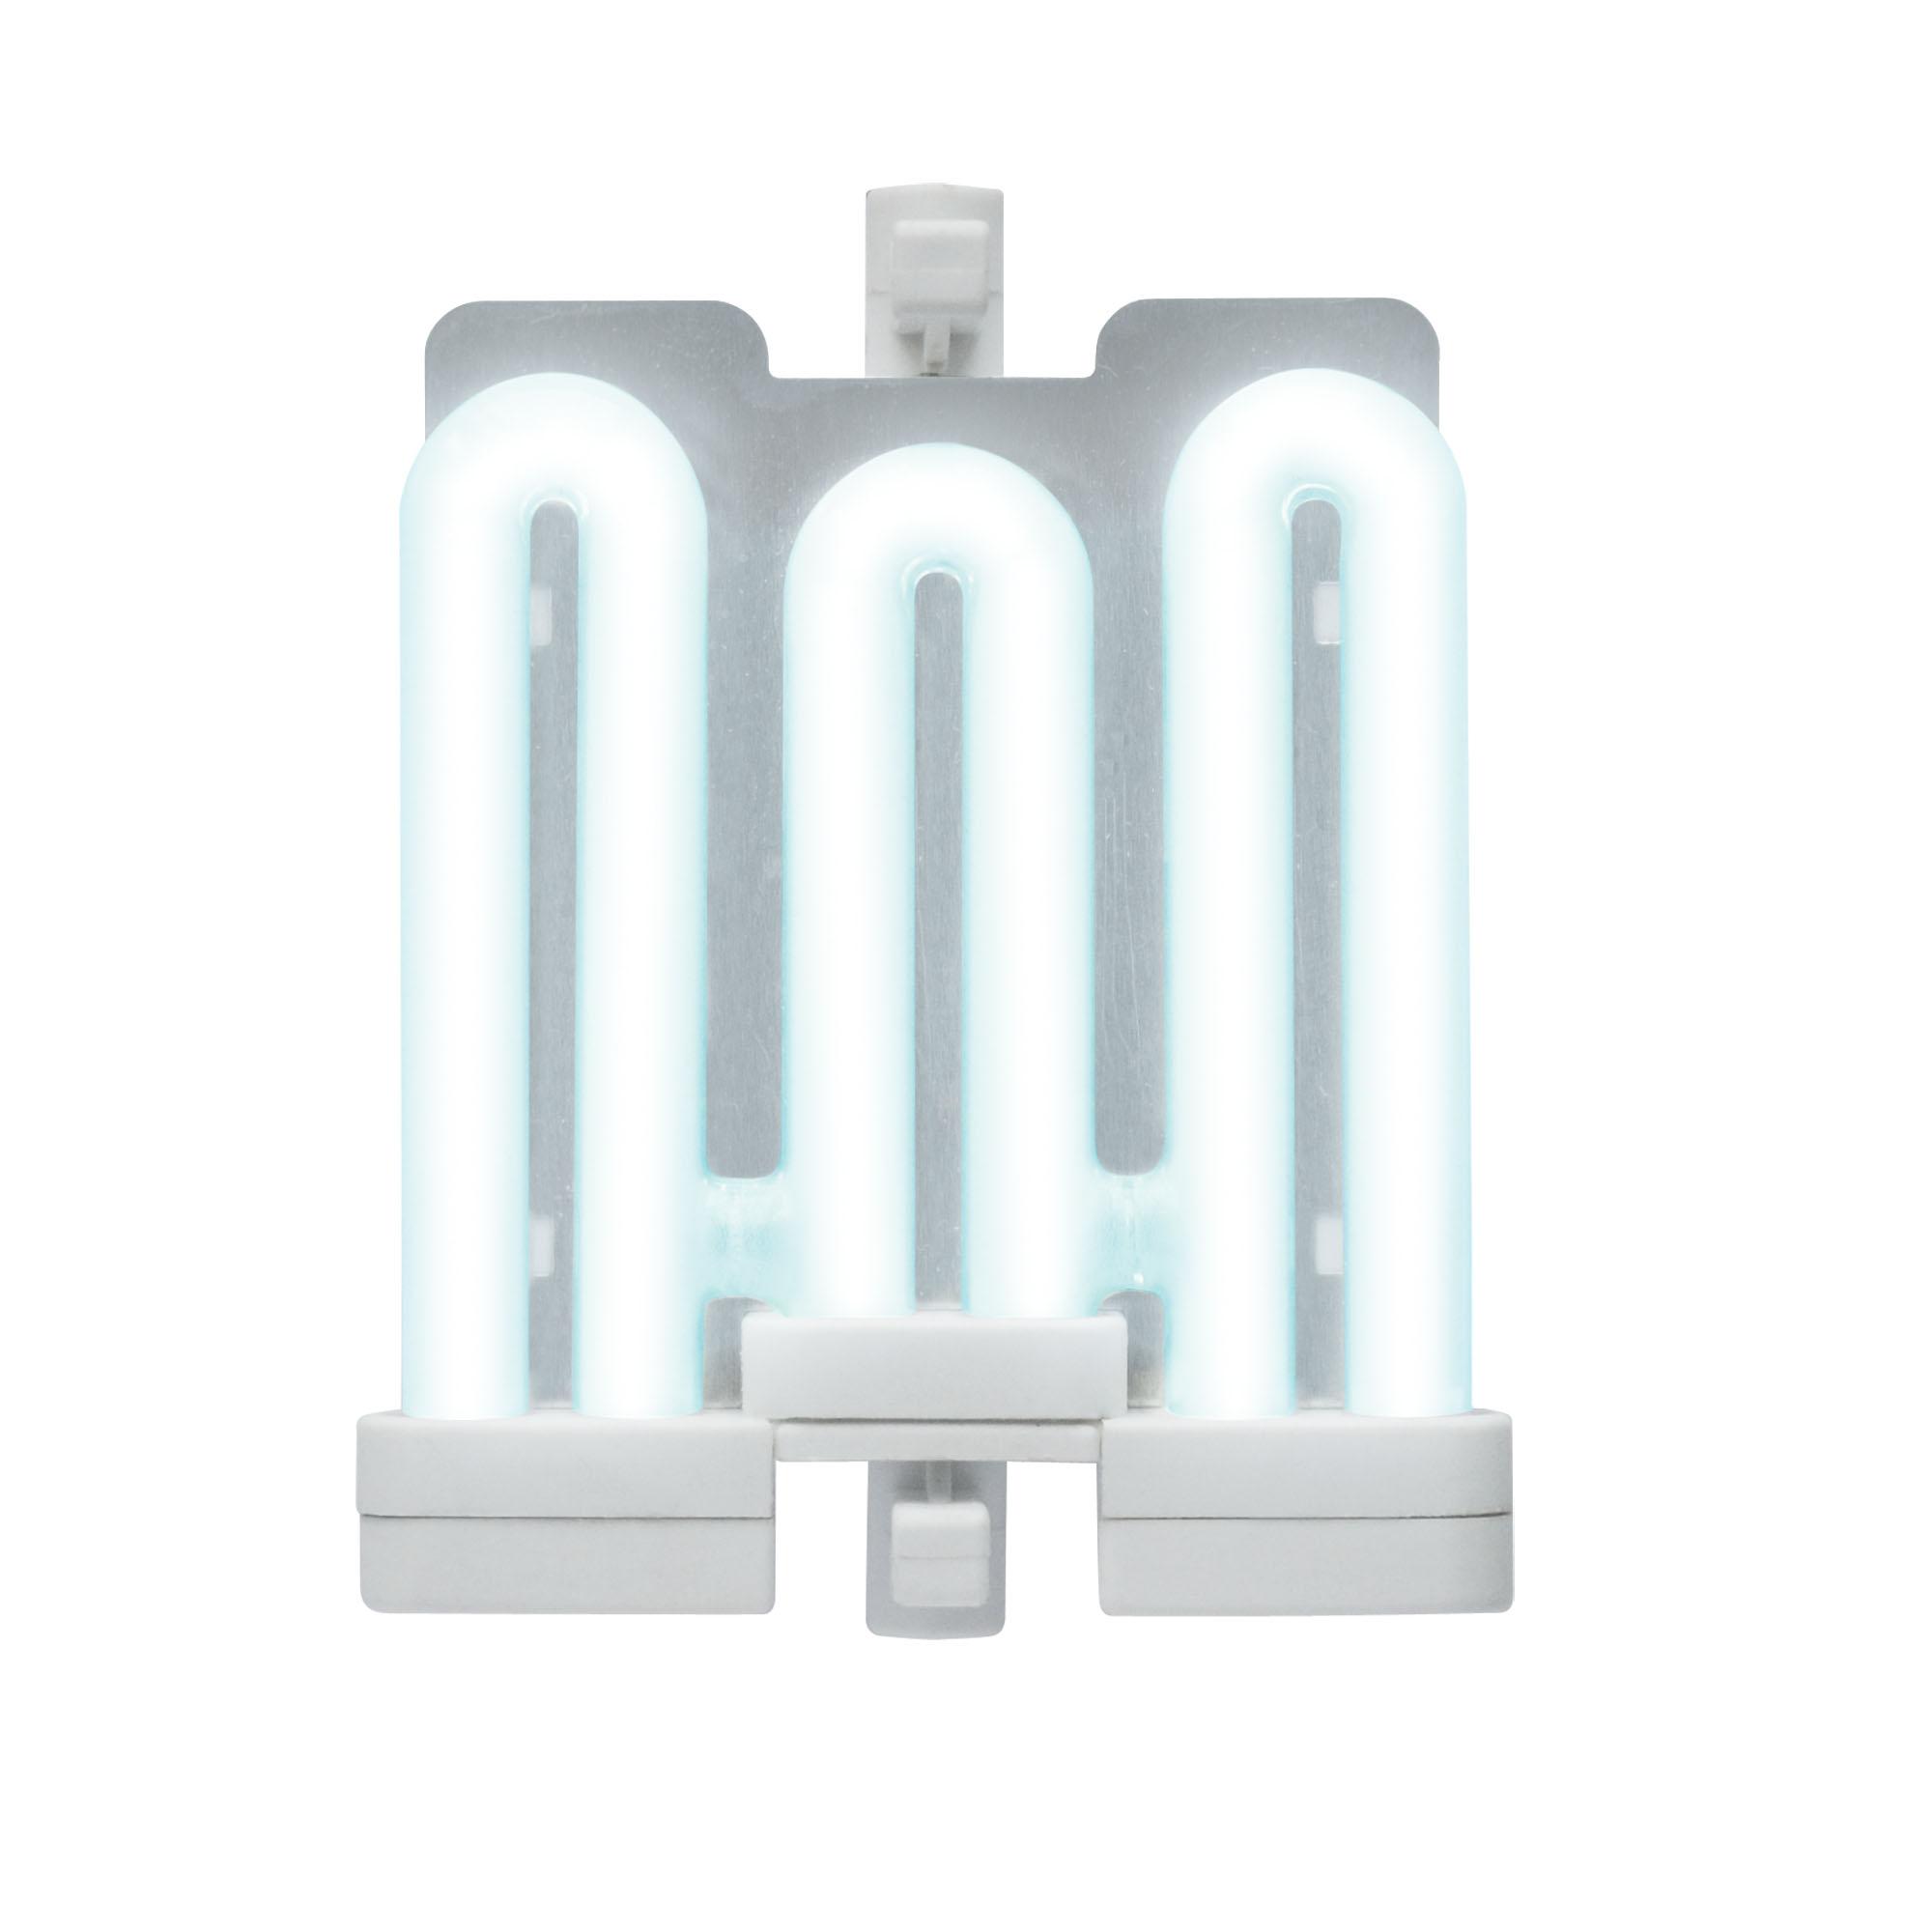 Лампа энергосберегающая Uniel Esl-322-20/4000/r7s 24шт novo fashion decorative lighting